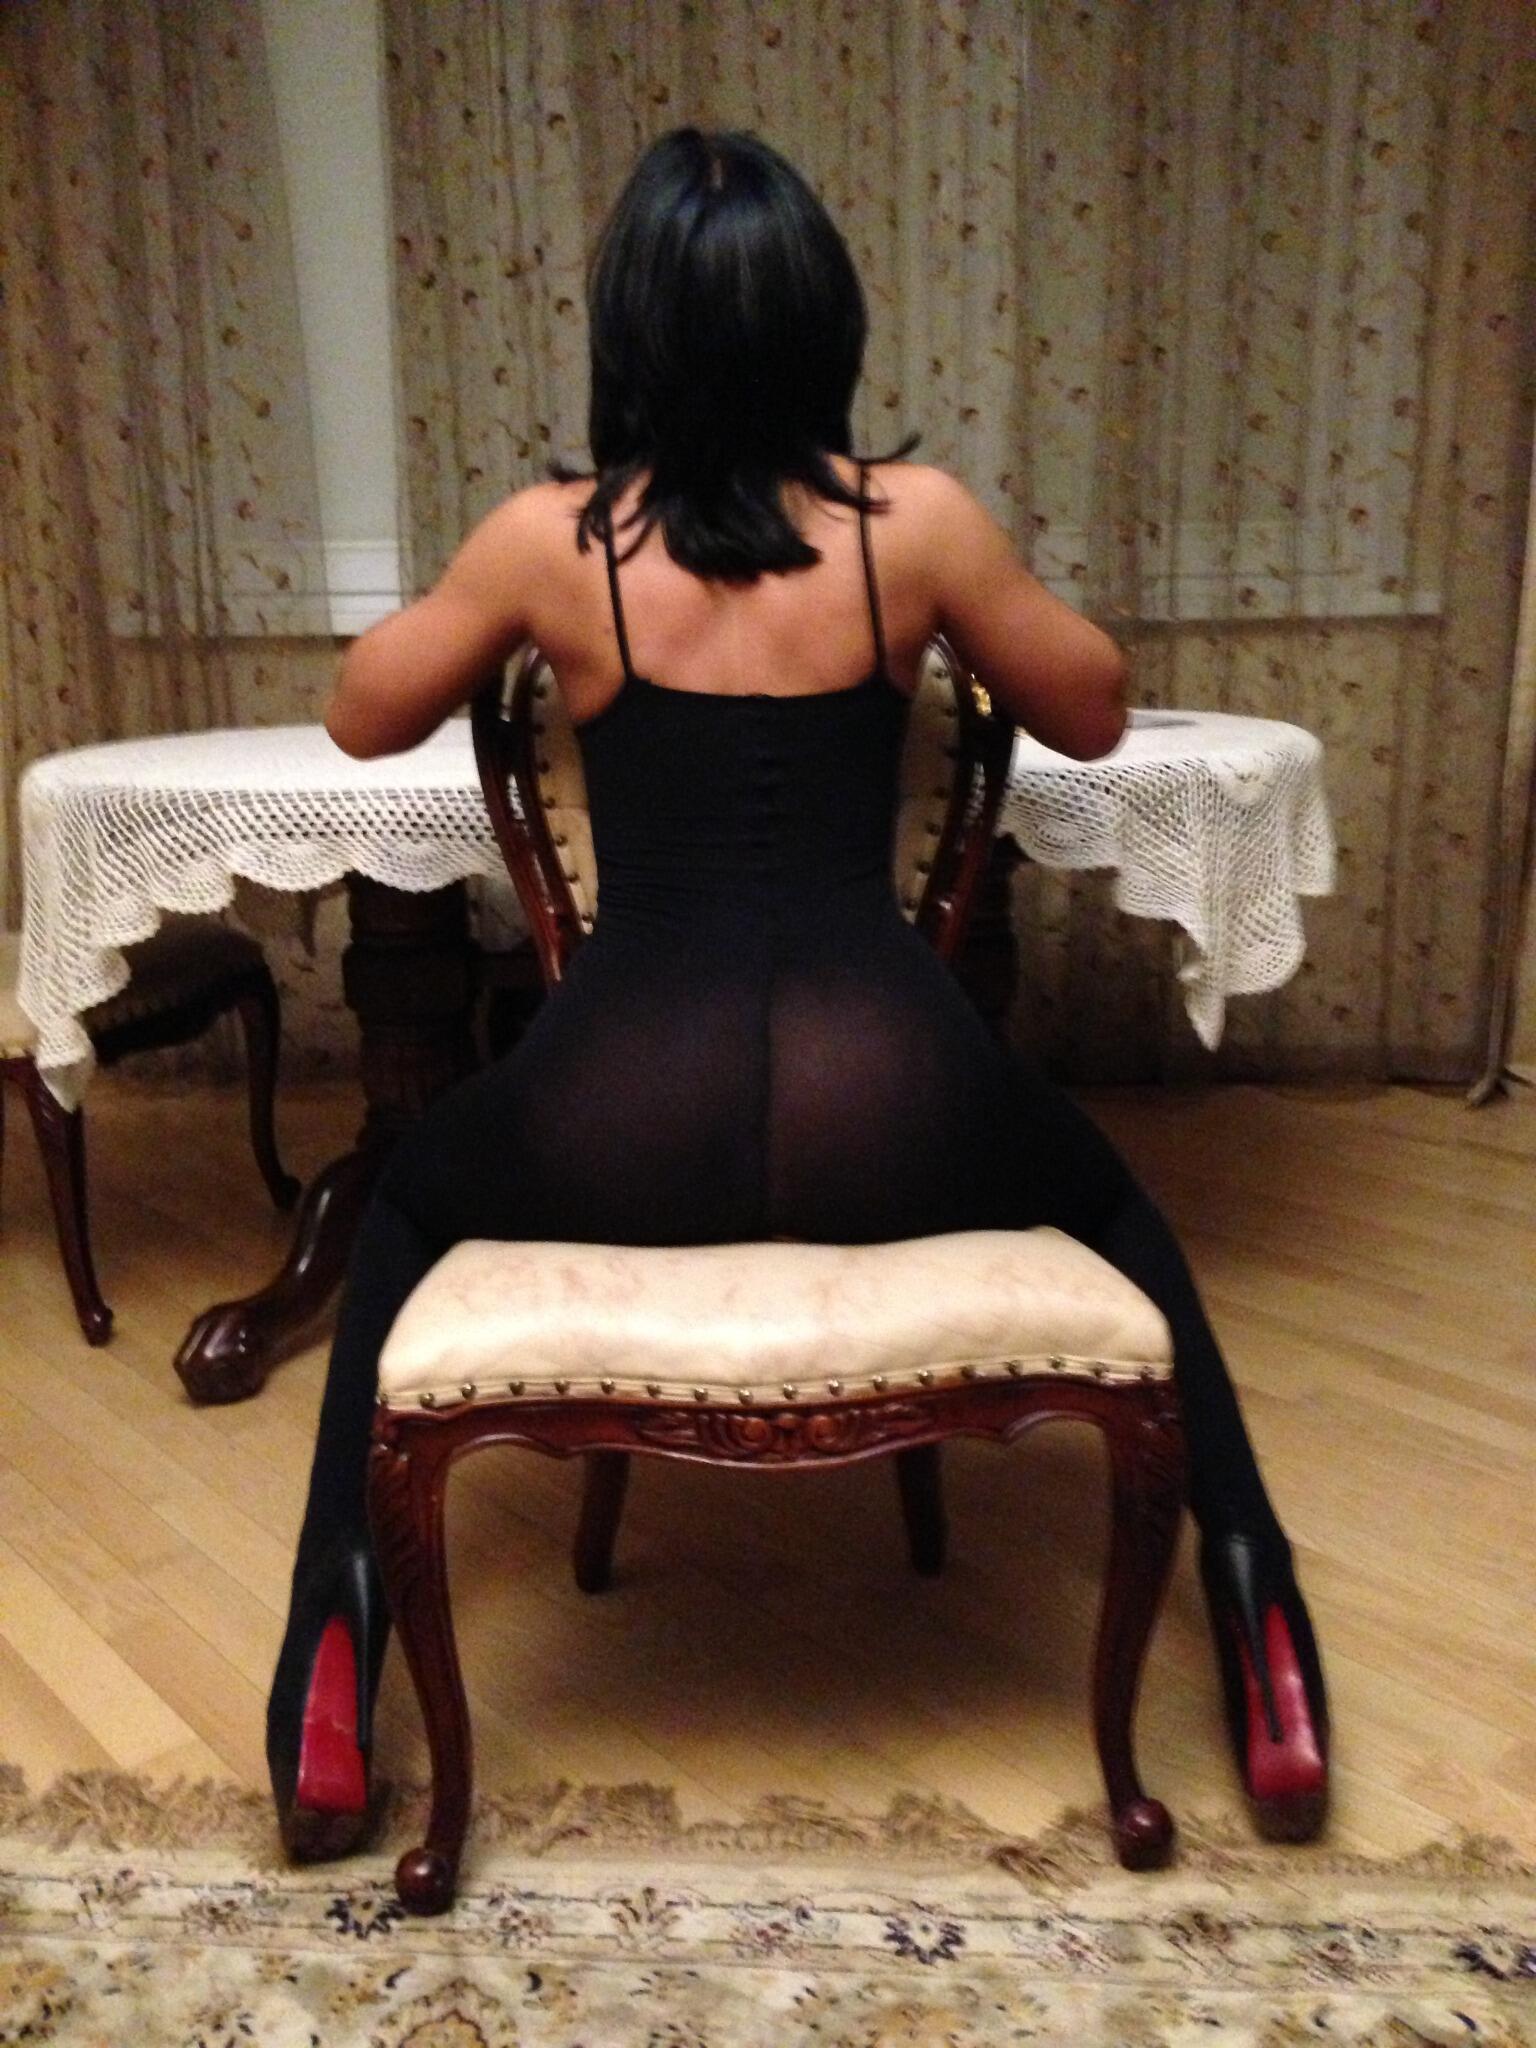 Индивидуалки города смоленск проститутки спб работа